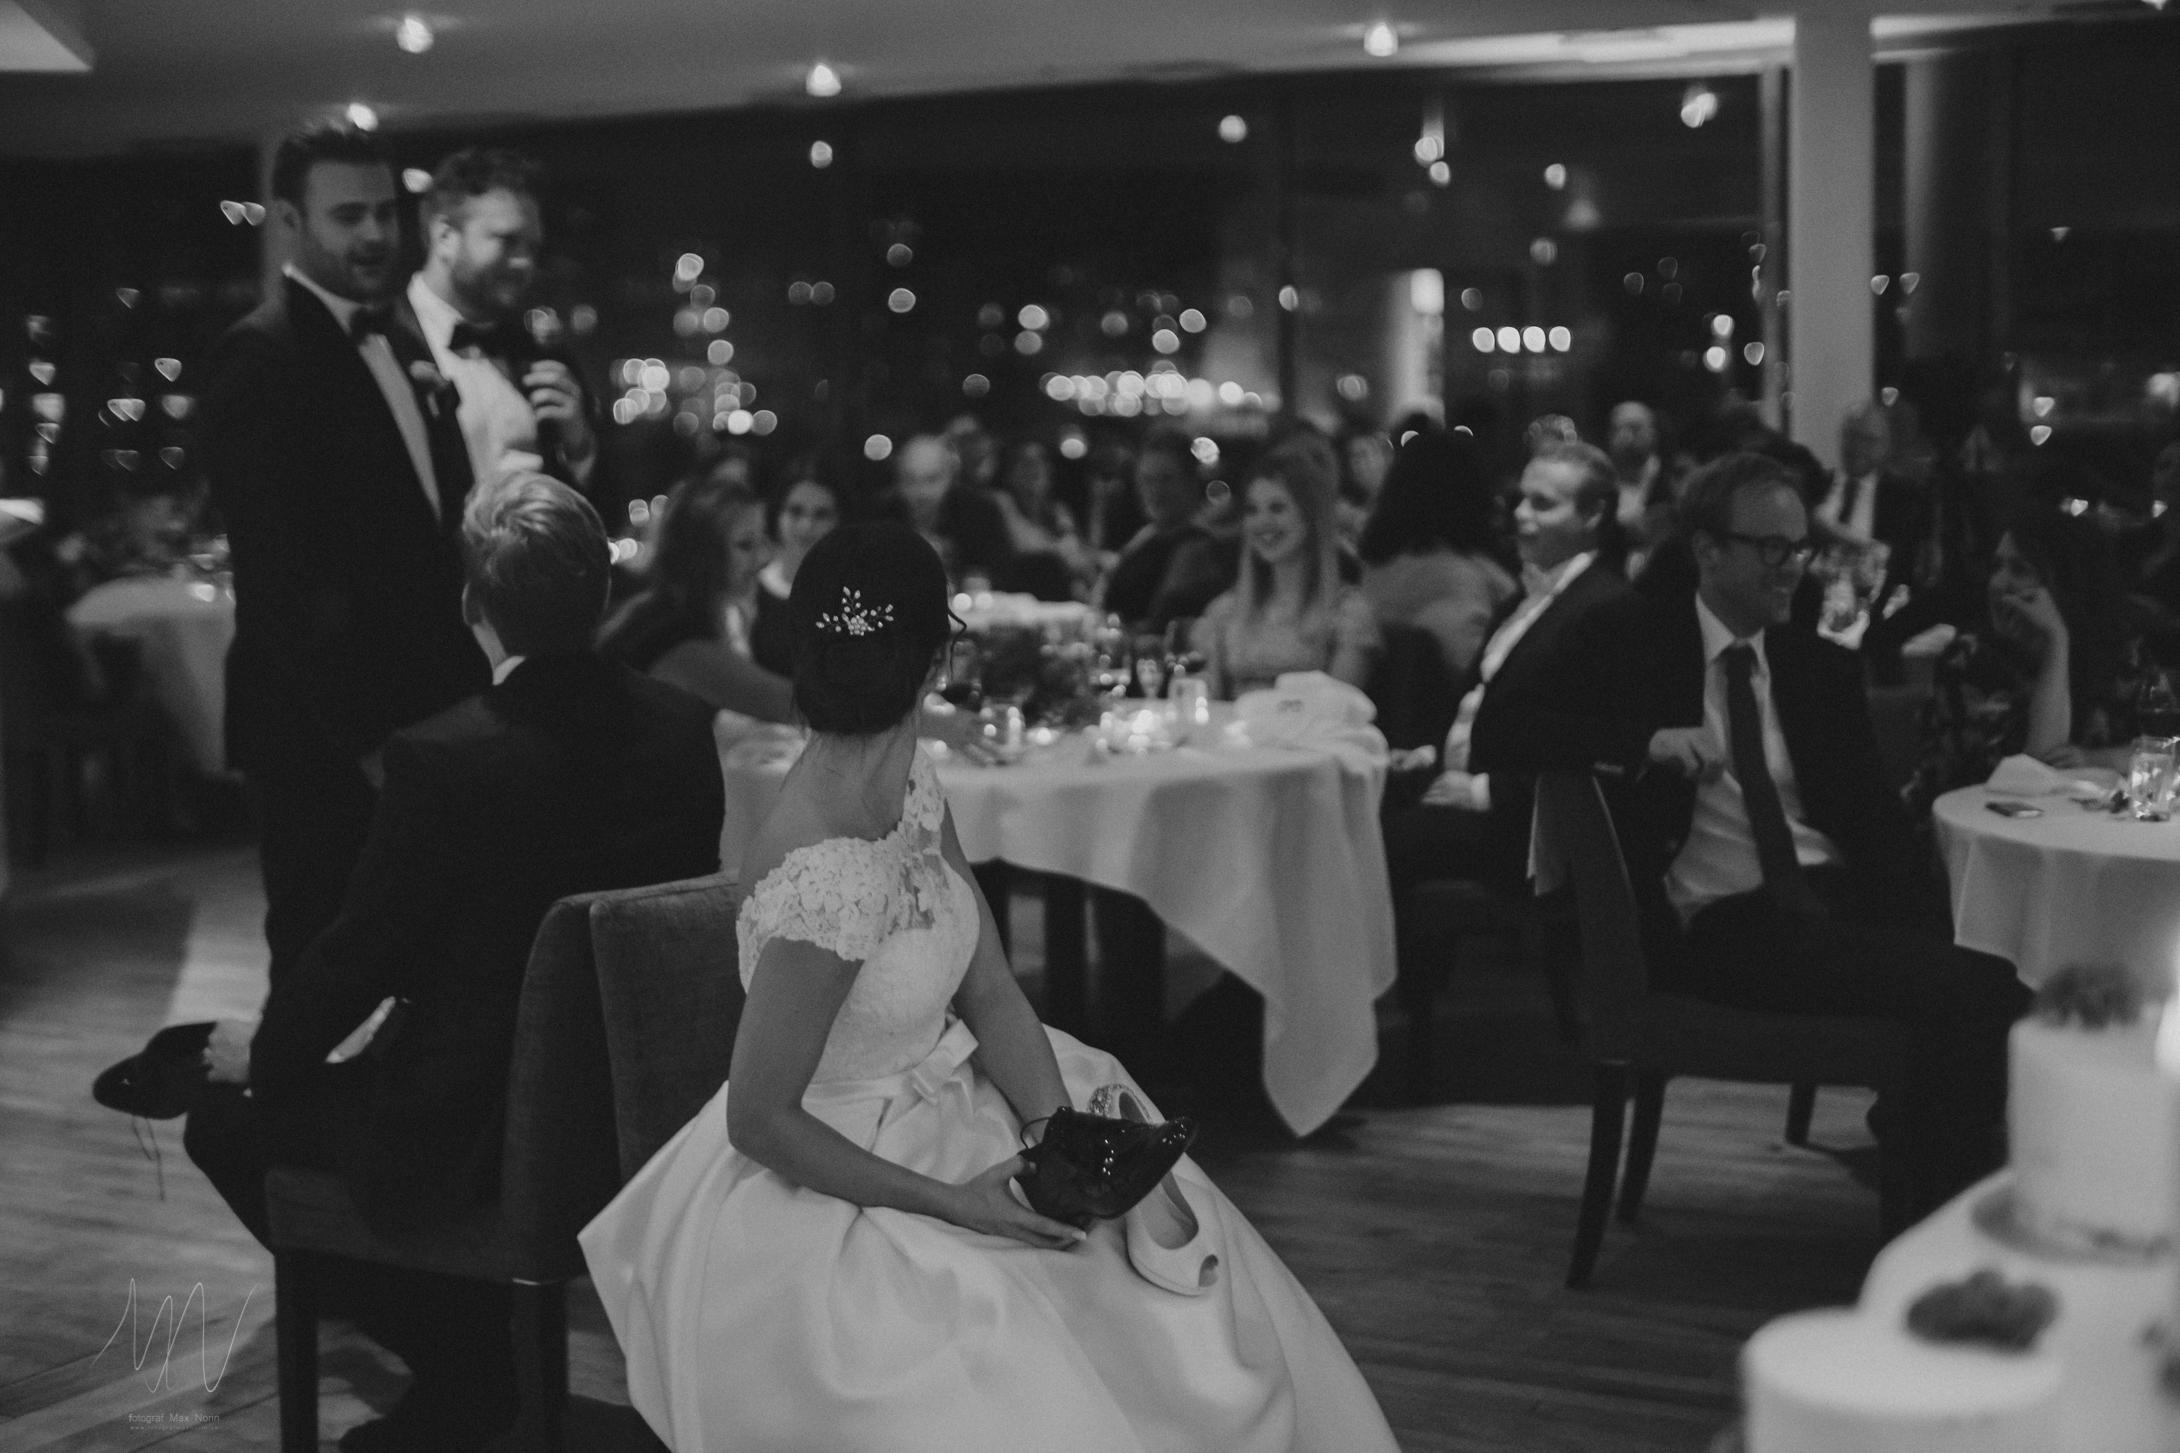 bröllopsfoto-fotograf-max-norin-398.jpg